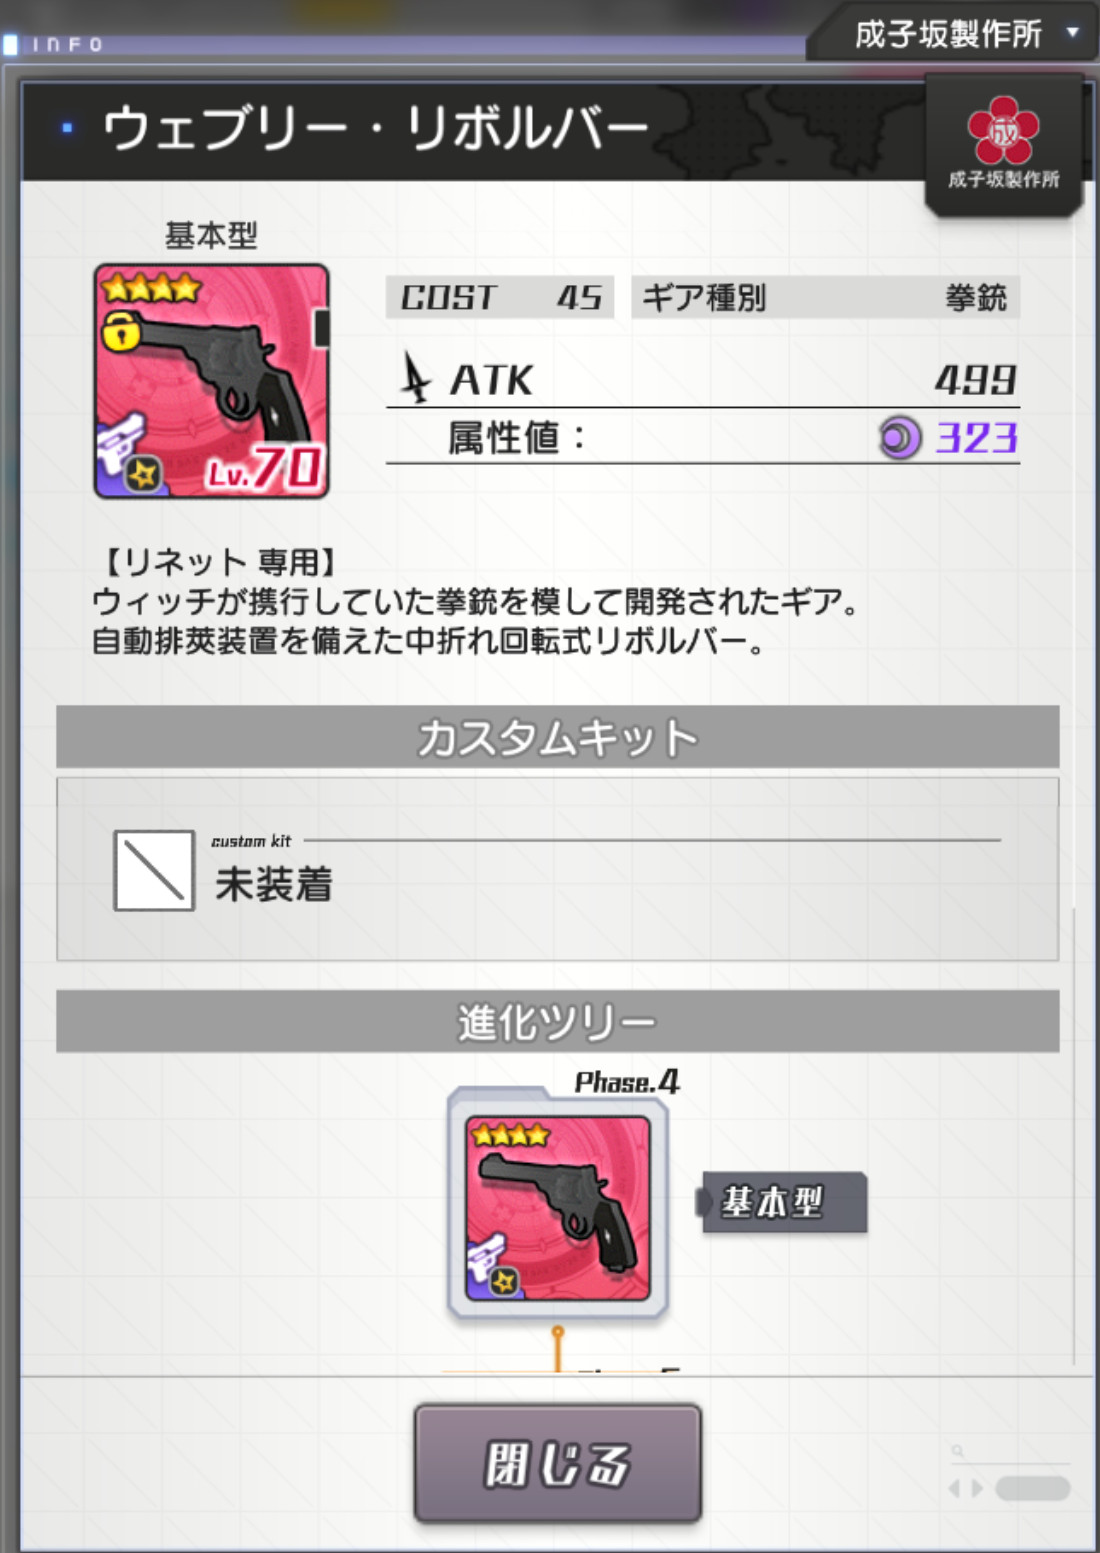 RNc_70.jpg